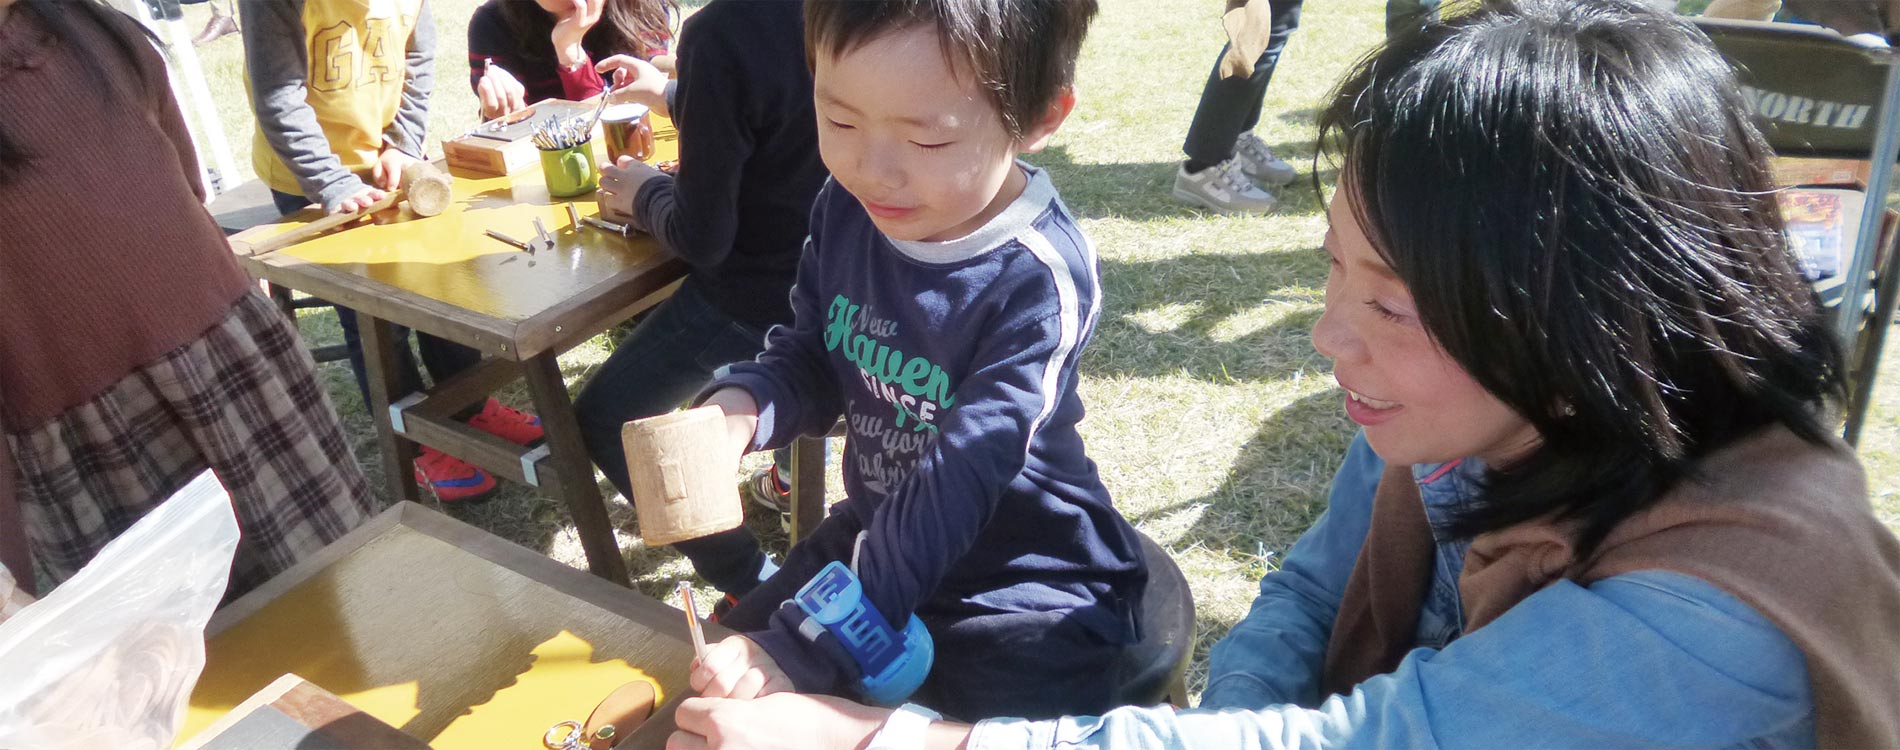 イベント開催中の子供の画像